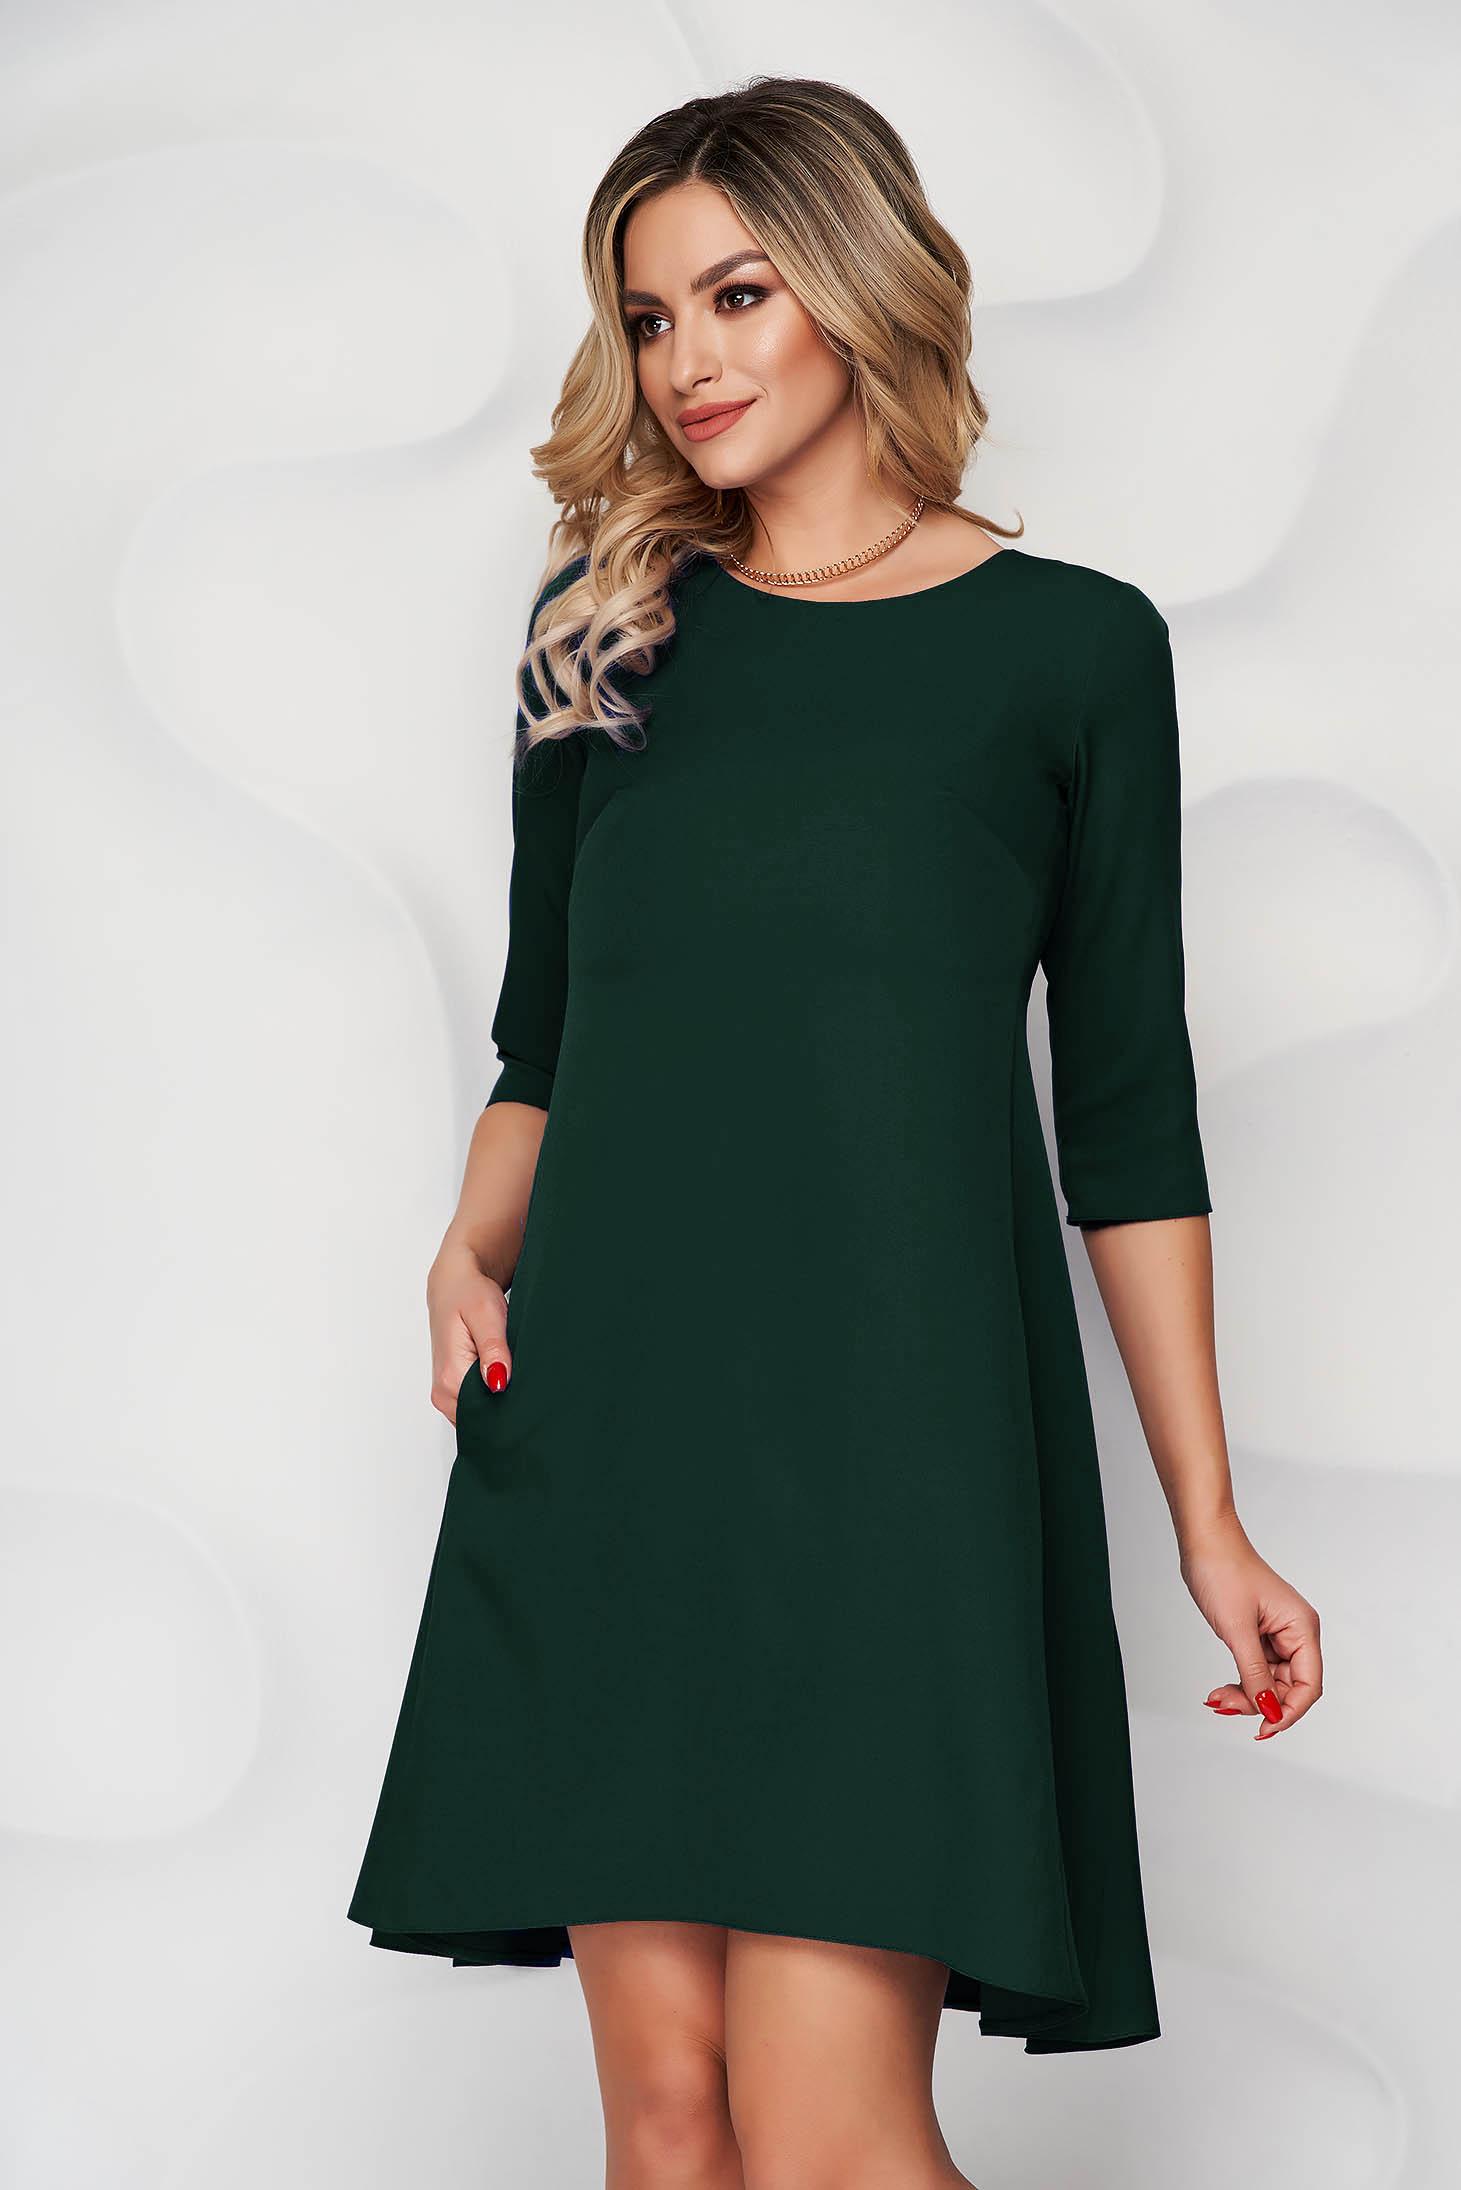 Rochie verde-deschis cu croi in a din stofa usor elastica si decolteu rotunjit